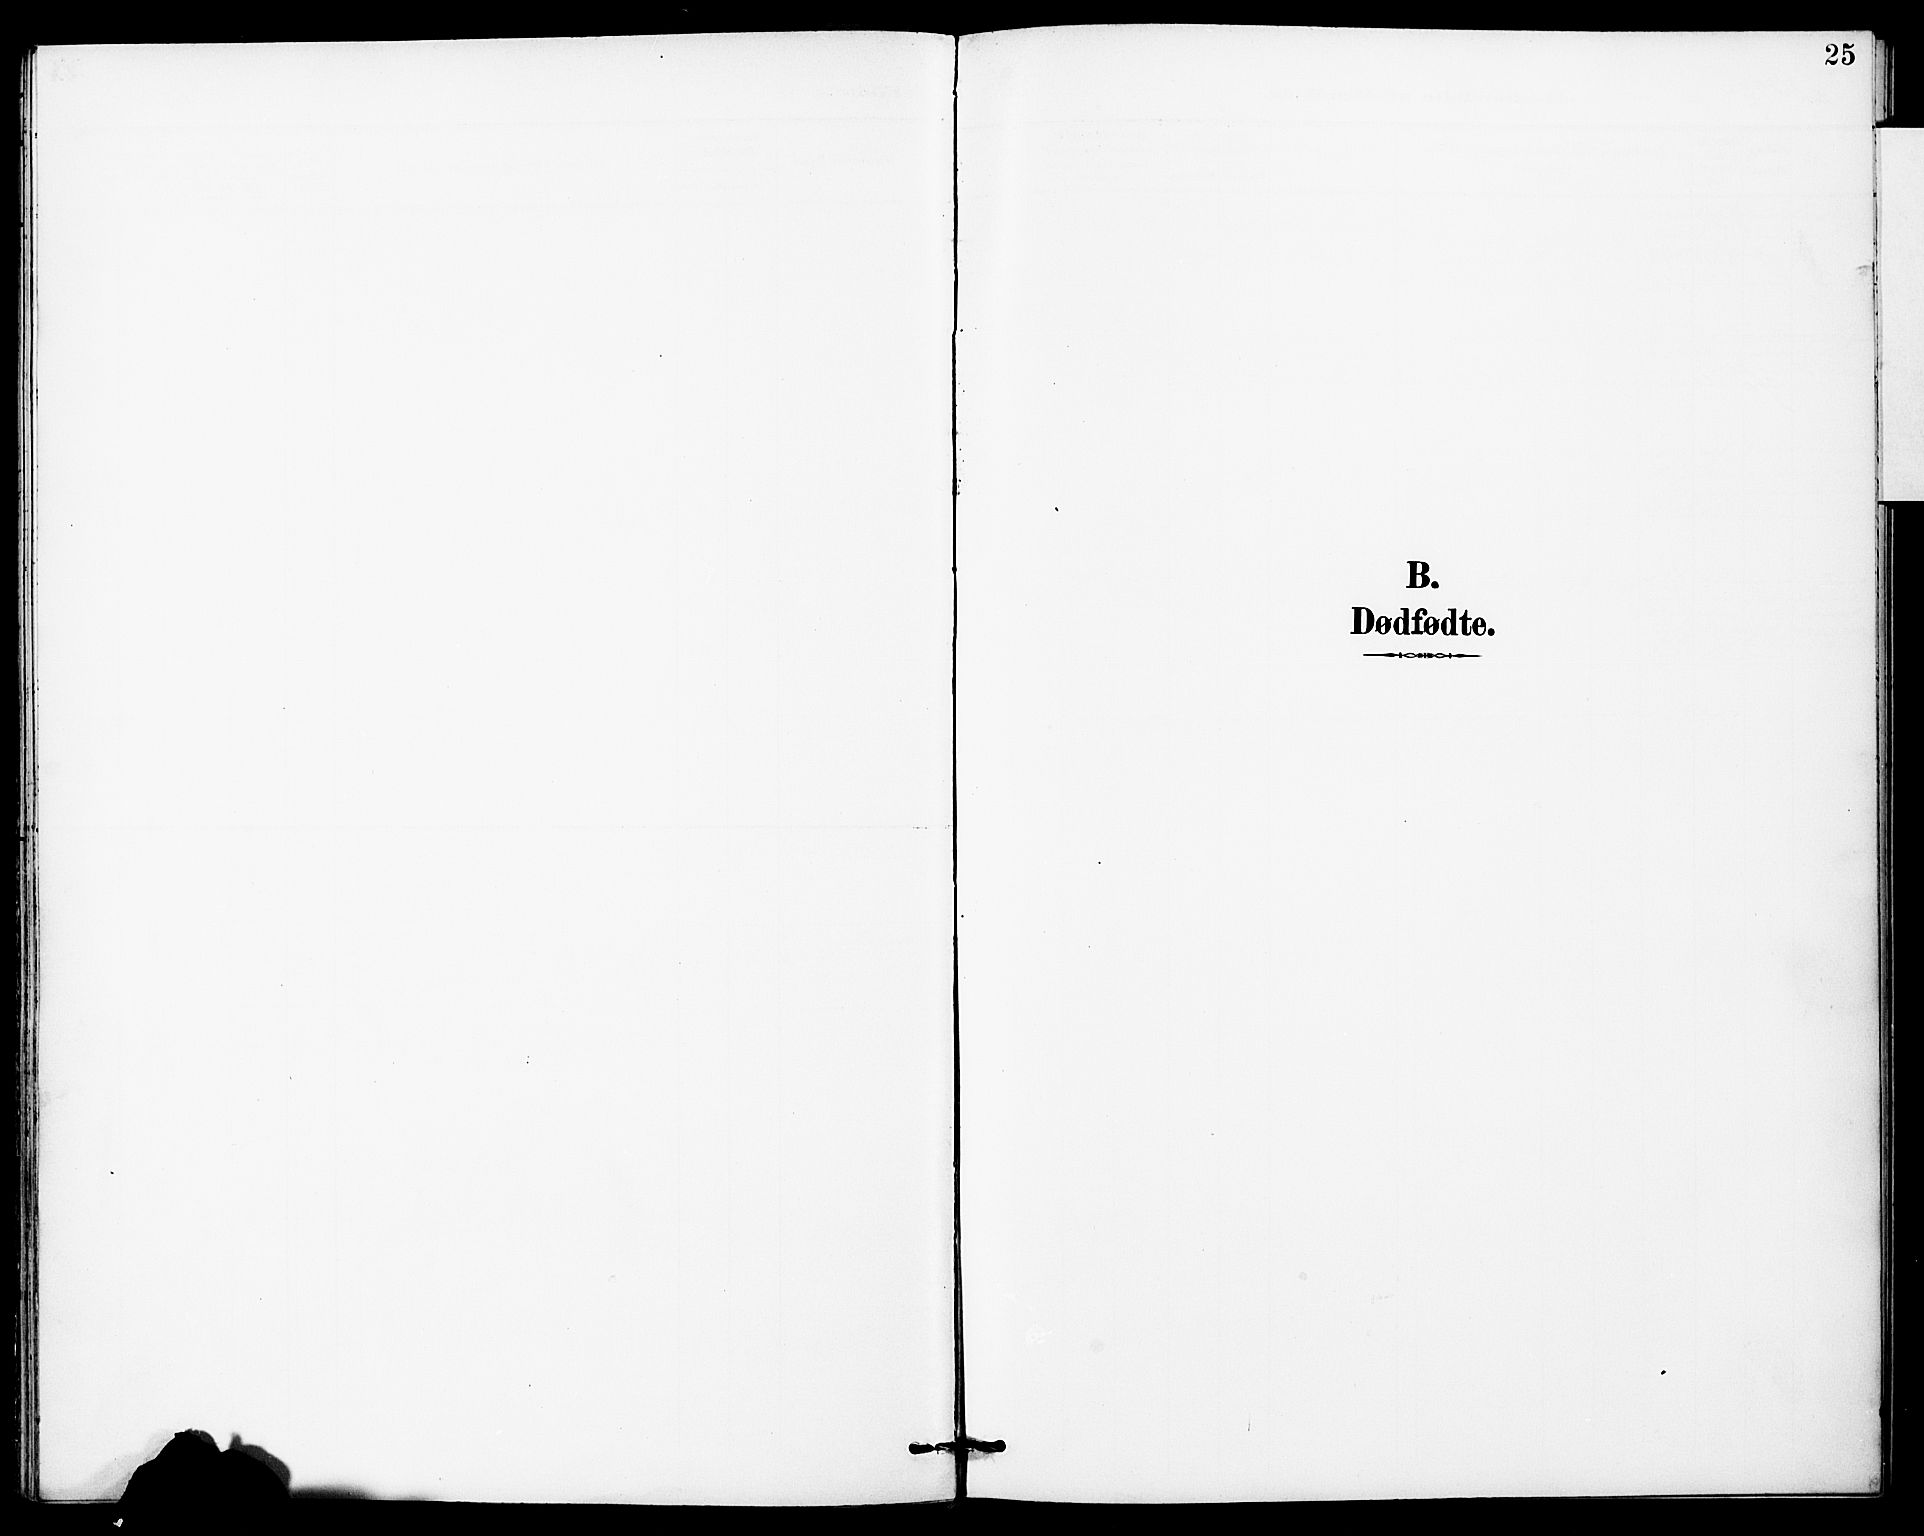 SAT, Ministerialprotokoller, klokkerbøker og fødselsregistre - Sør-Trøndelag, 683/L0948: Ministerialbok nr. 683A01, 1891-1902, s. 25